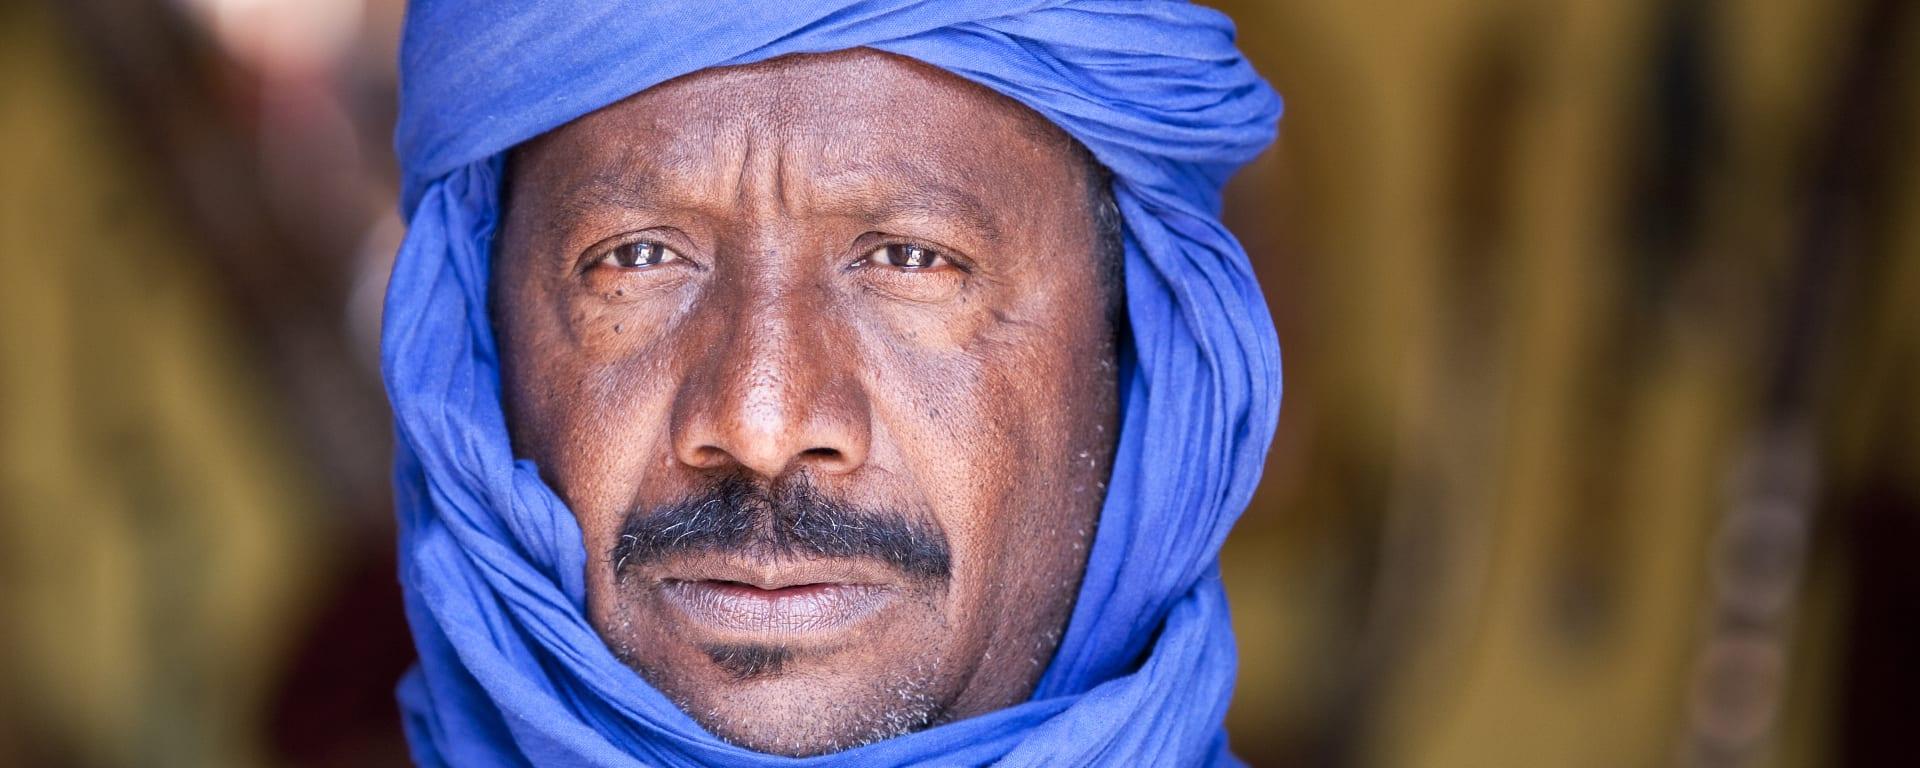 Höhepunkte Marokkos ab Casablanca: Marokko Berber